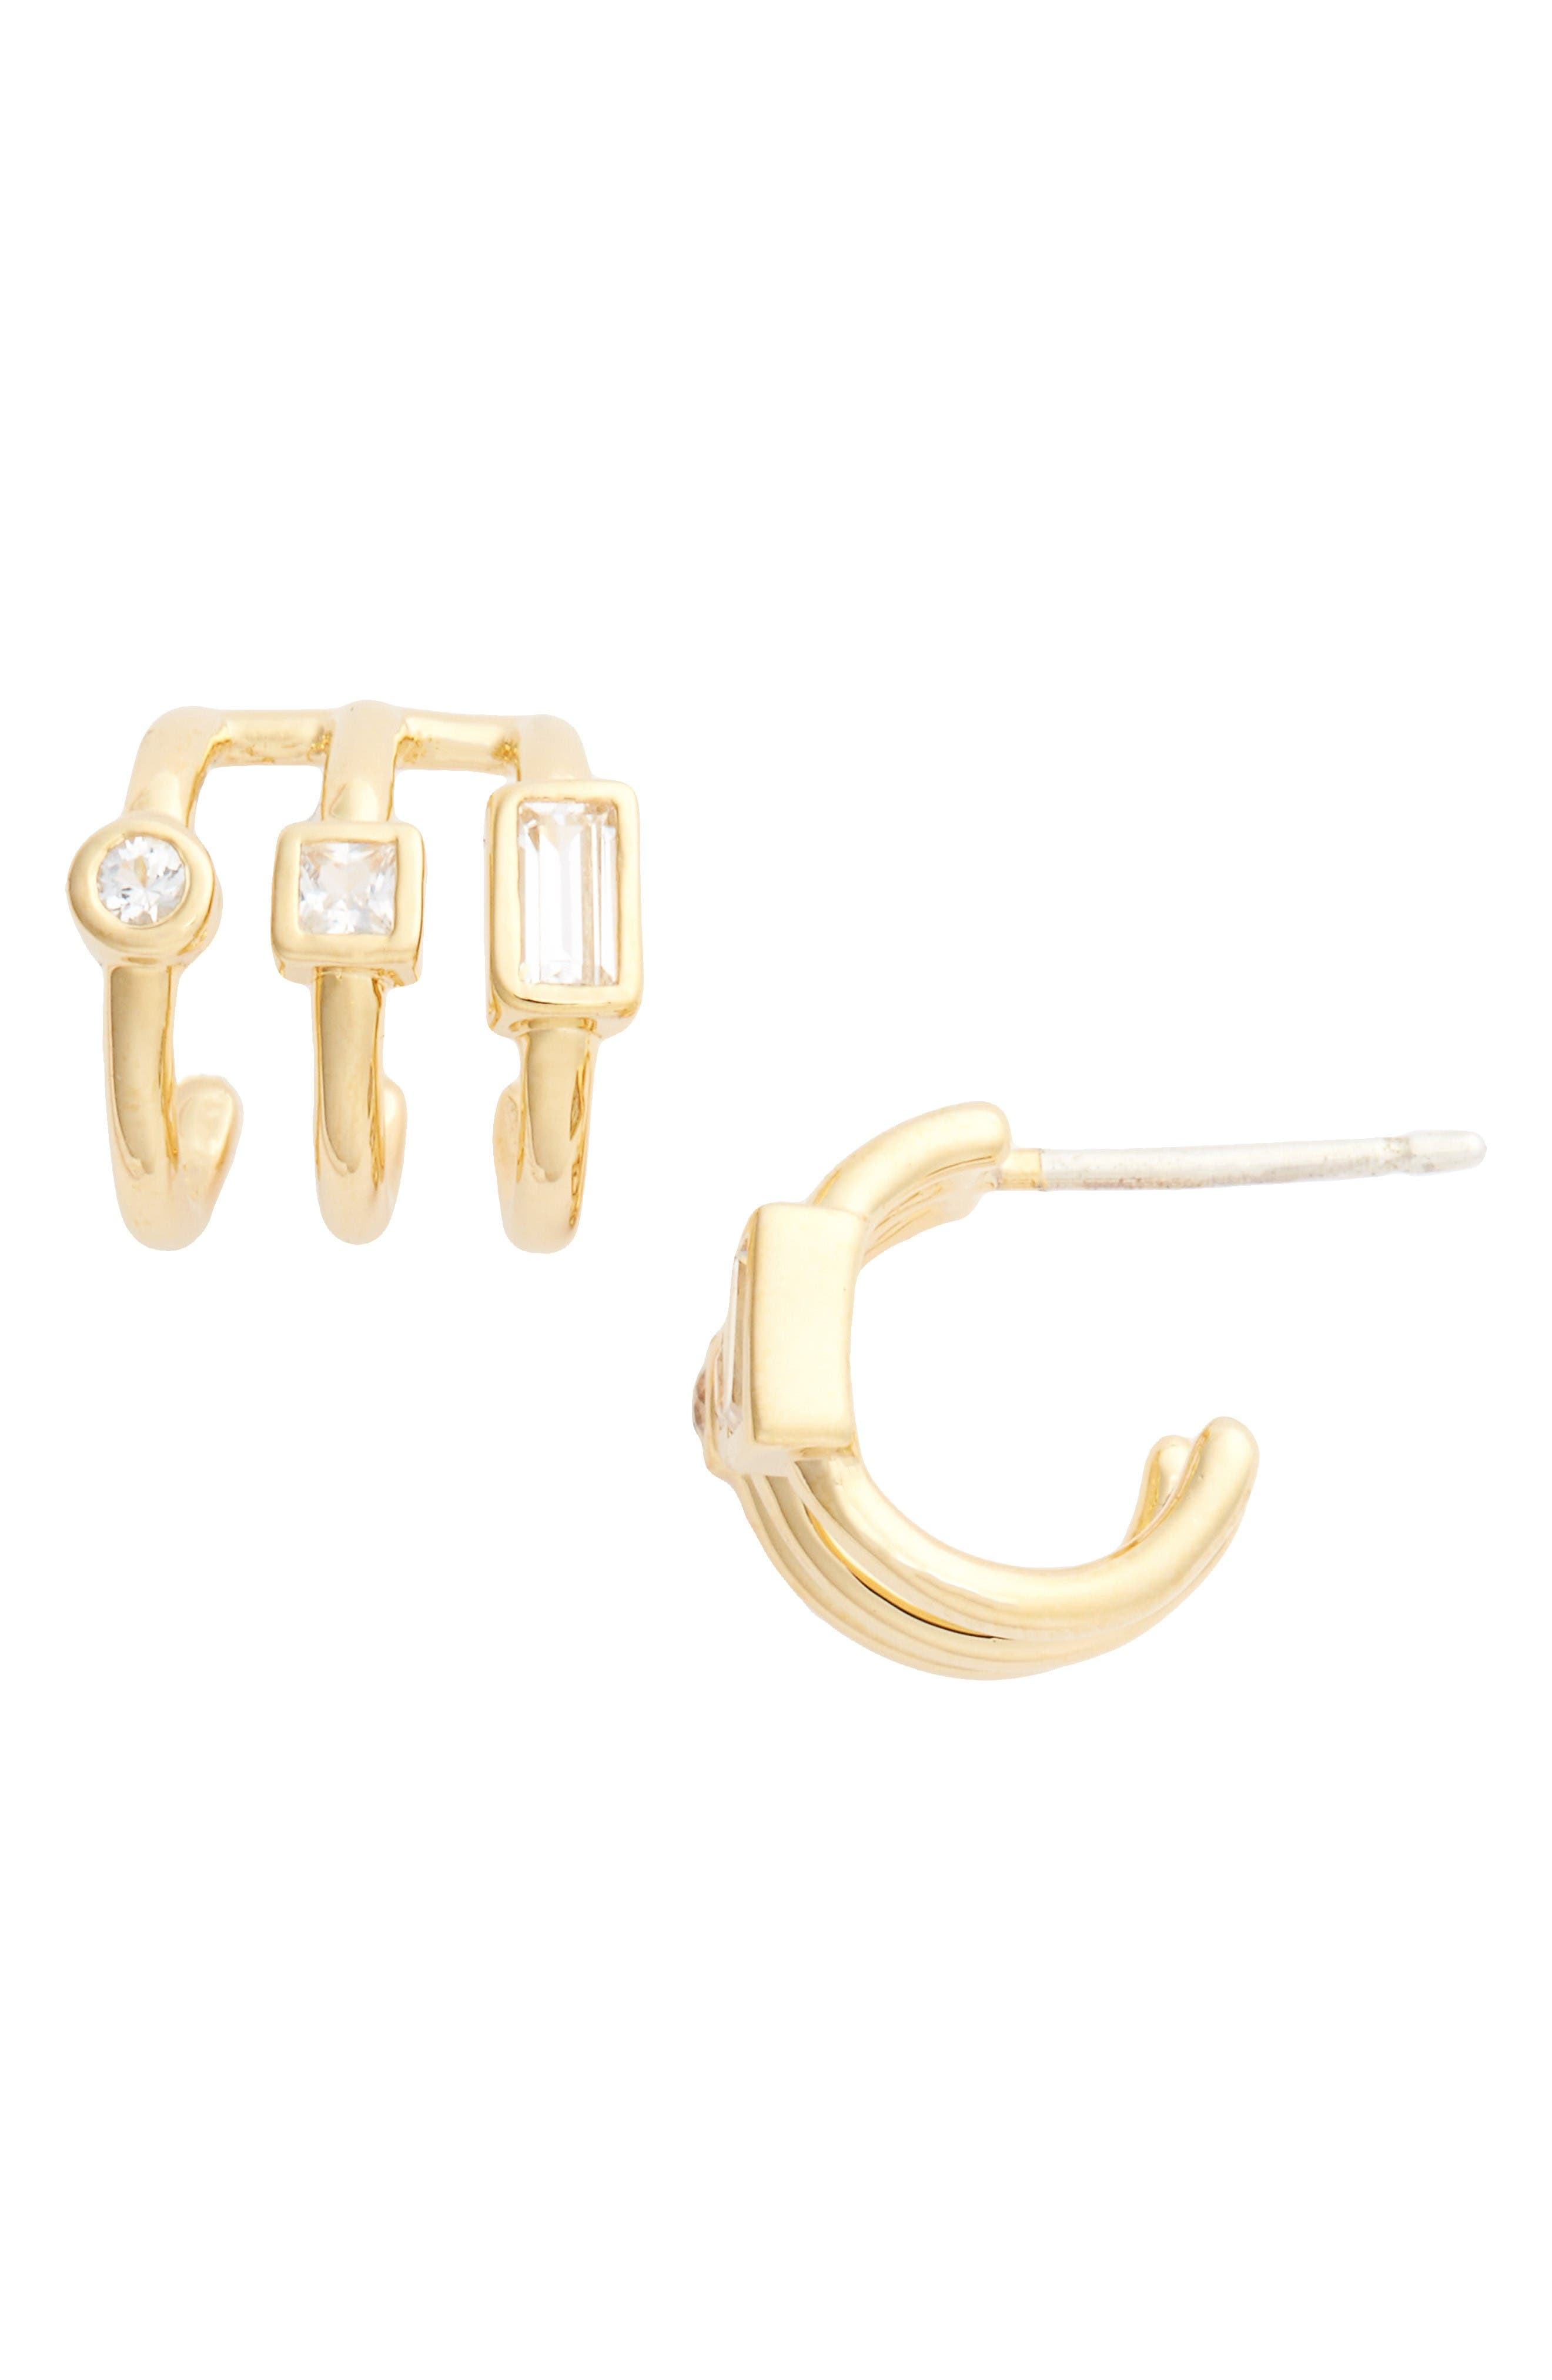 Elizabeth & James Roni Hoop Earrings in Metallic Silver 3w9bEfO